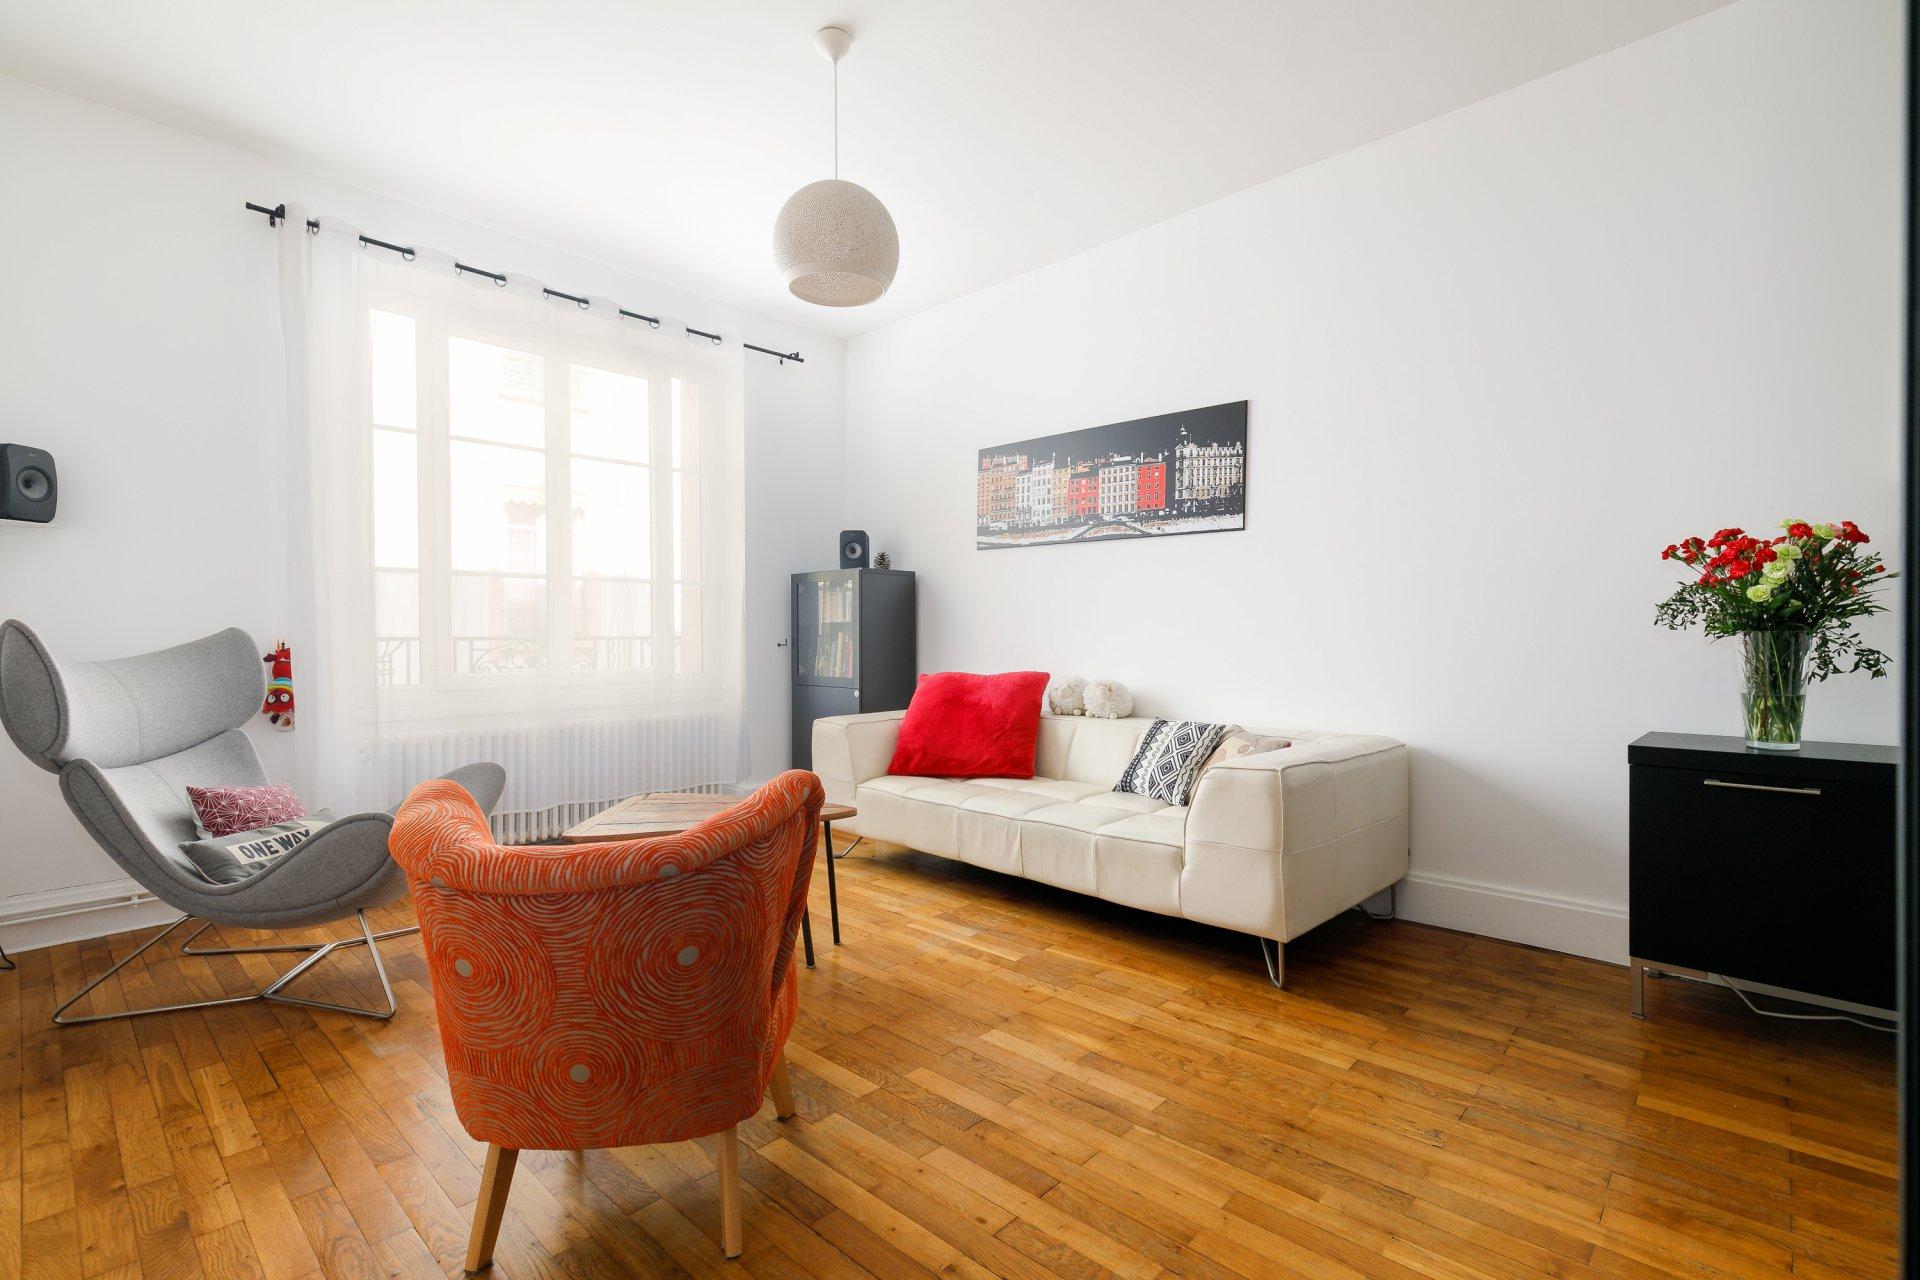 Achat Appartement Surface de 104 m², 4 pièces, Lyon 3ème (69003)